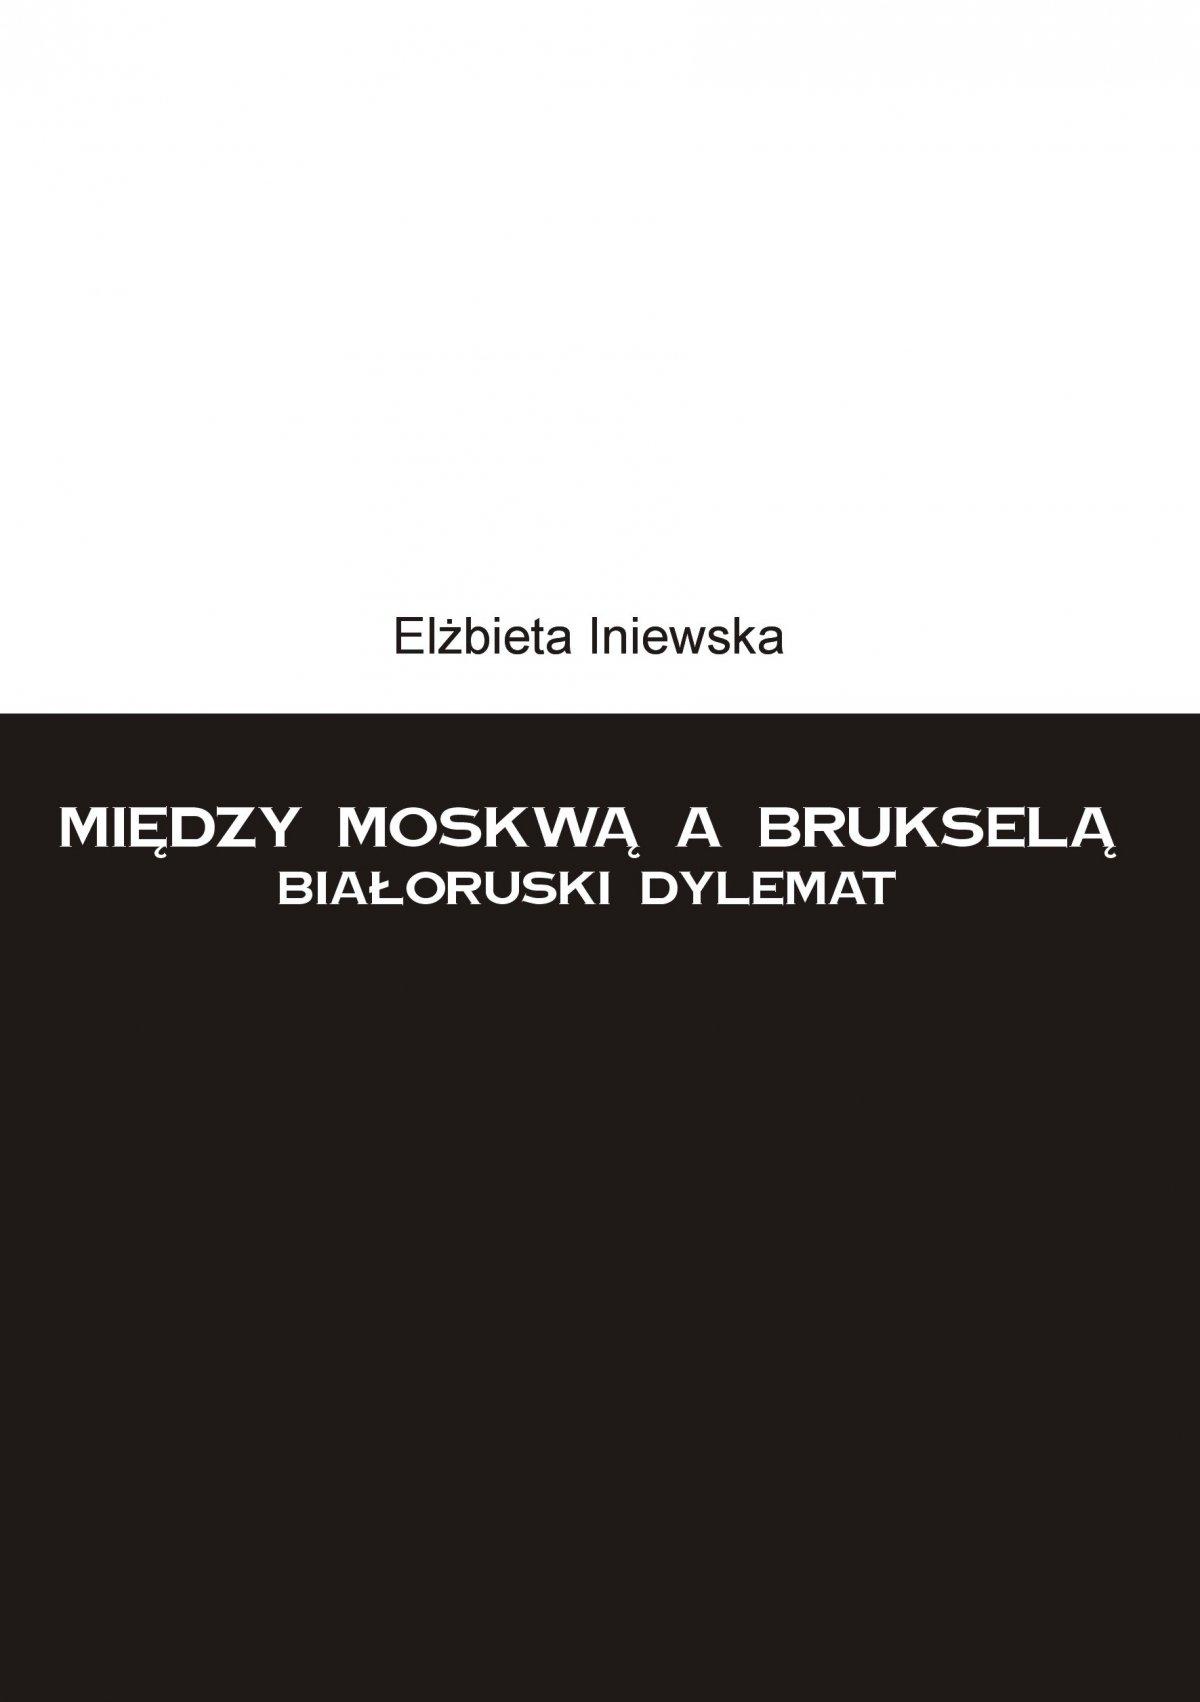 Między Moskwą a Brukselą. Białoruski dylemat - Ebook (Książka EPUB) do pobrania w formacie EPUB